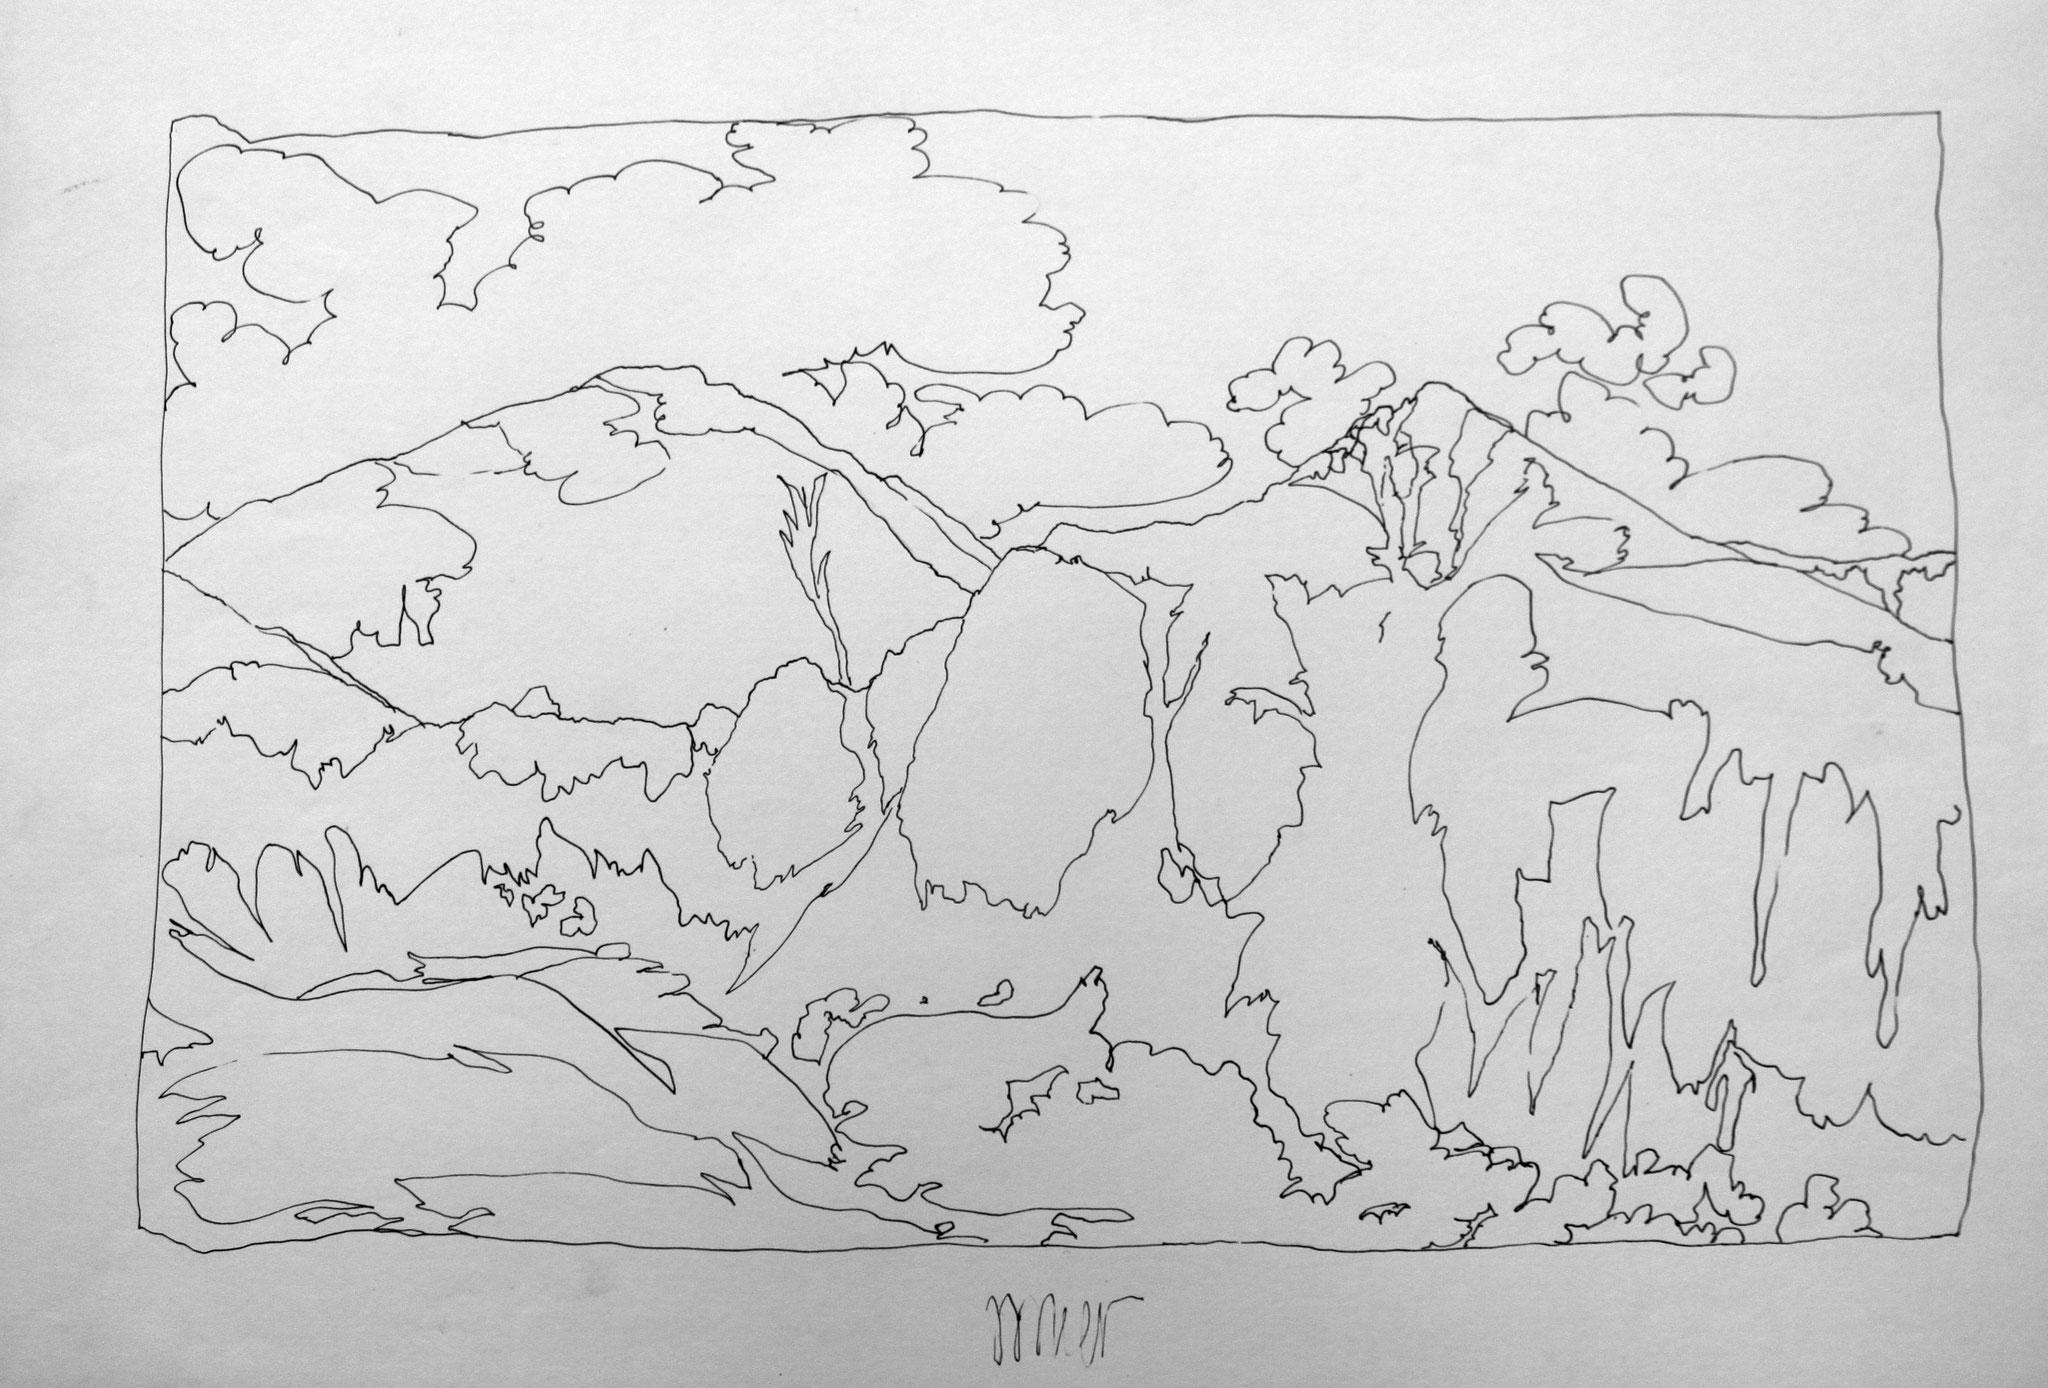 Hochreichart, 1985, Stahlfederzeichnung, Tusche auf Papier, 28 x 42 cm © Josef Taucher